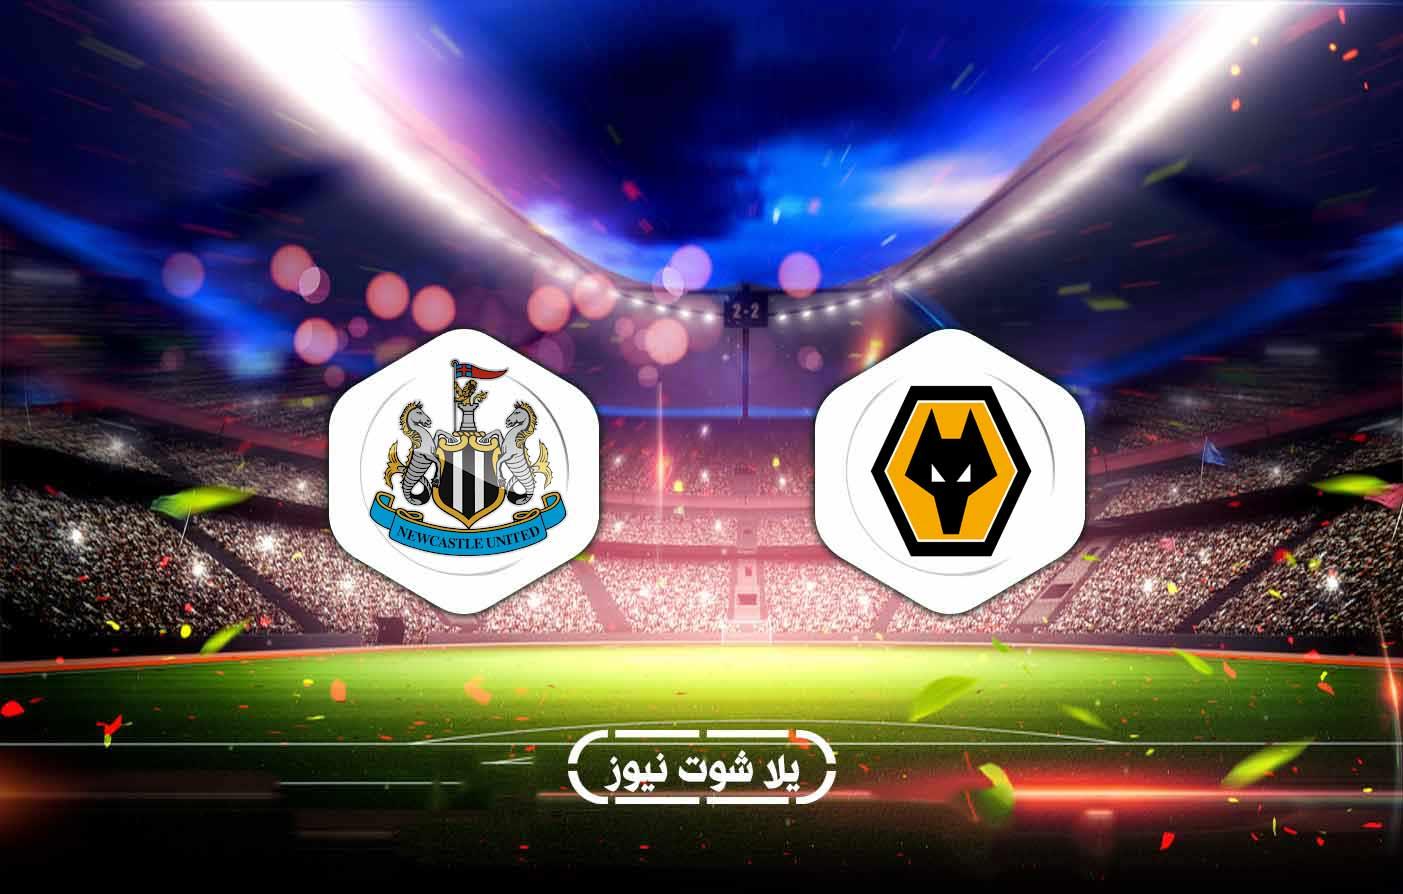 ملخص مباراة وولفرهامبتون 1-1 نيوكاسل يونايتد بتاريخ 2020-10-25 الدوري الانجليزي